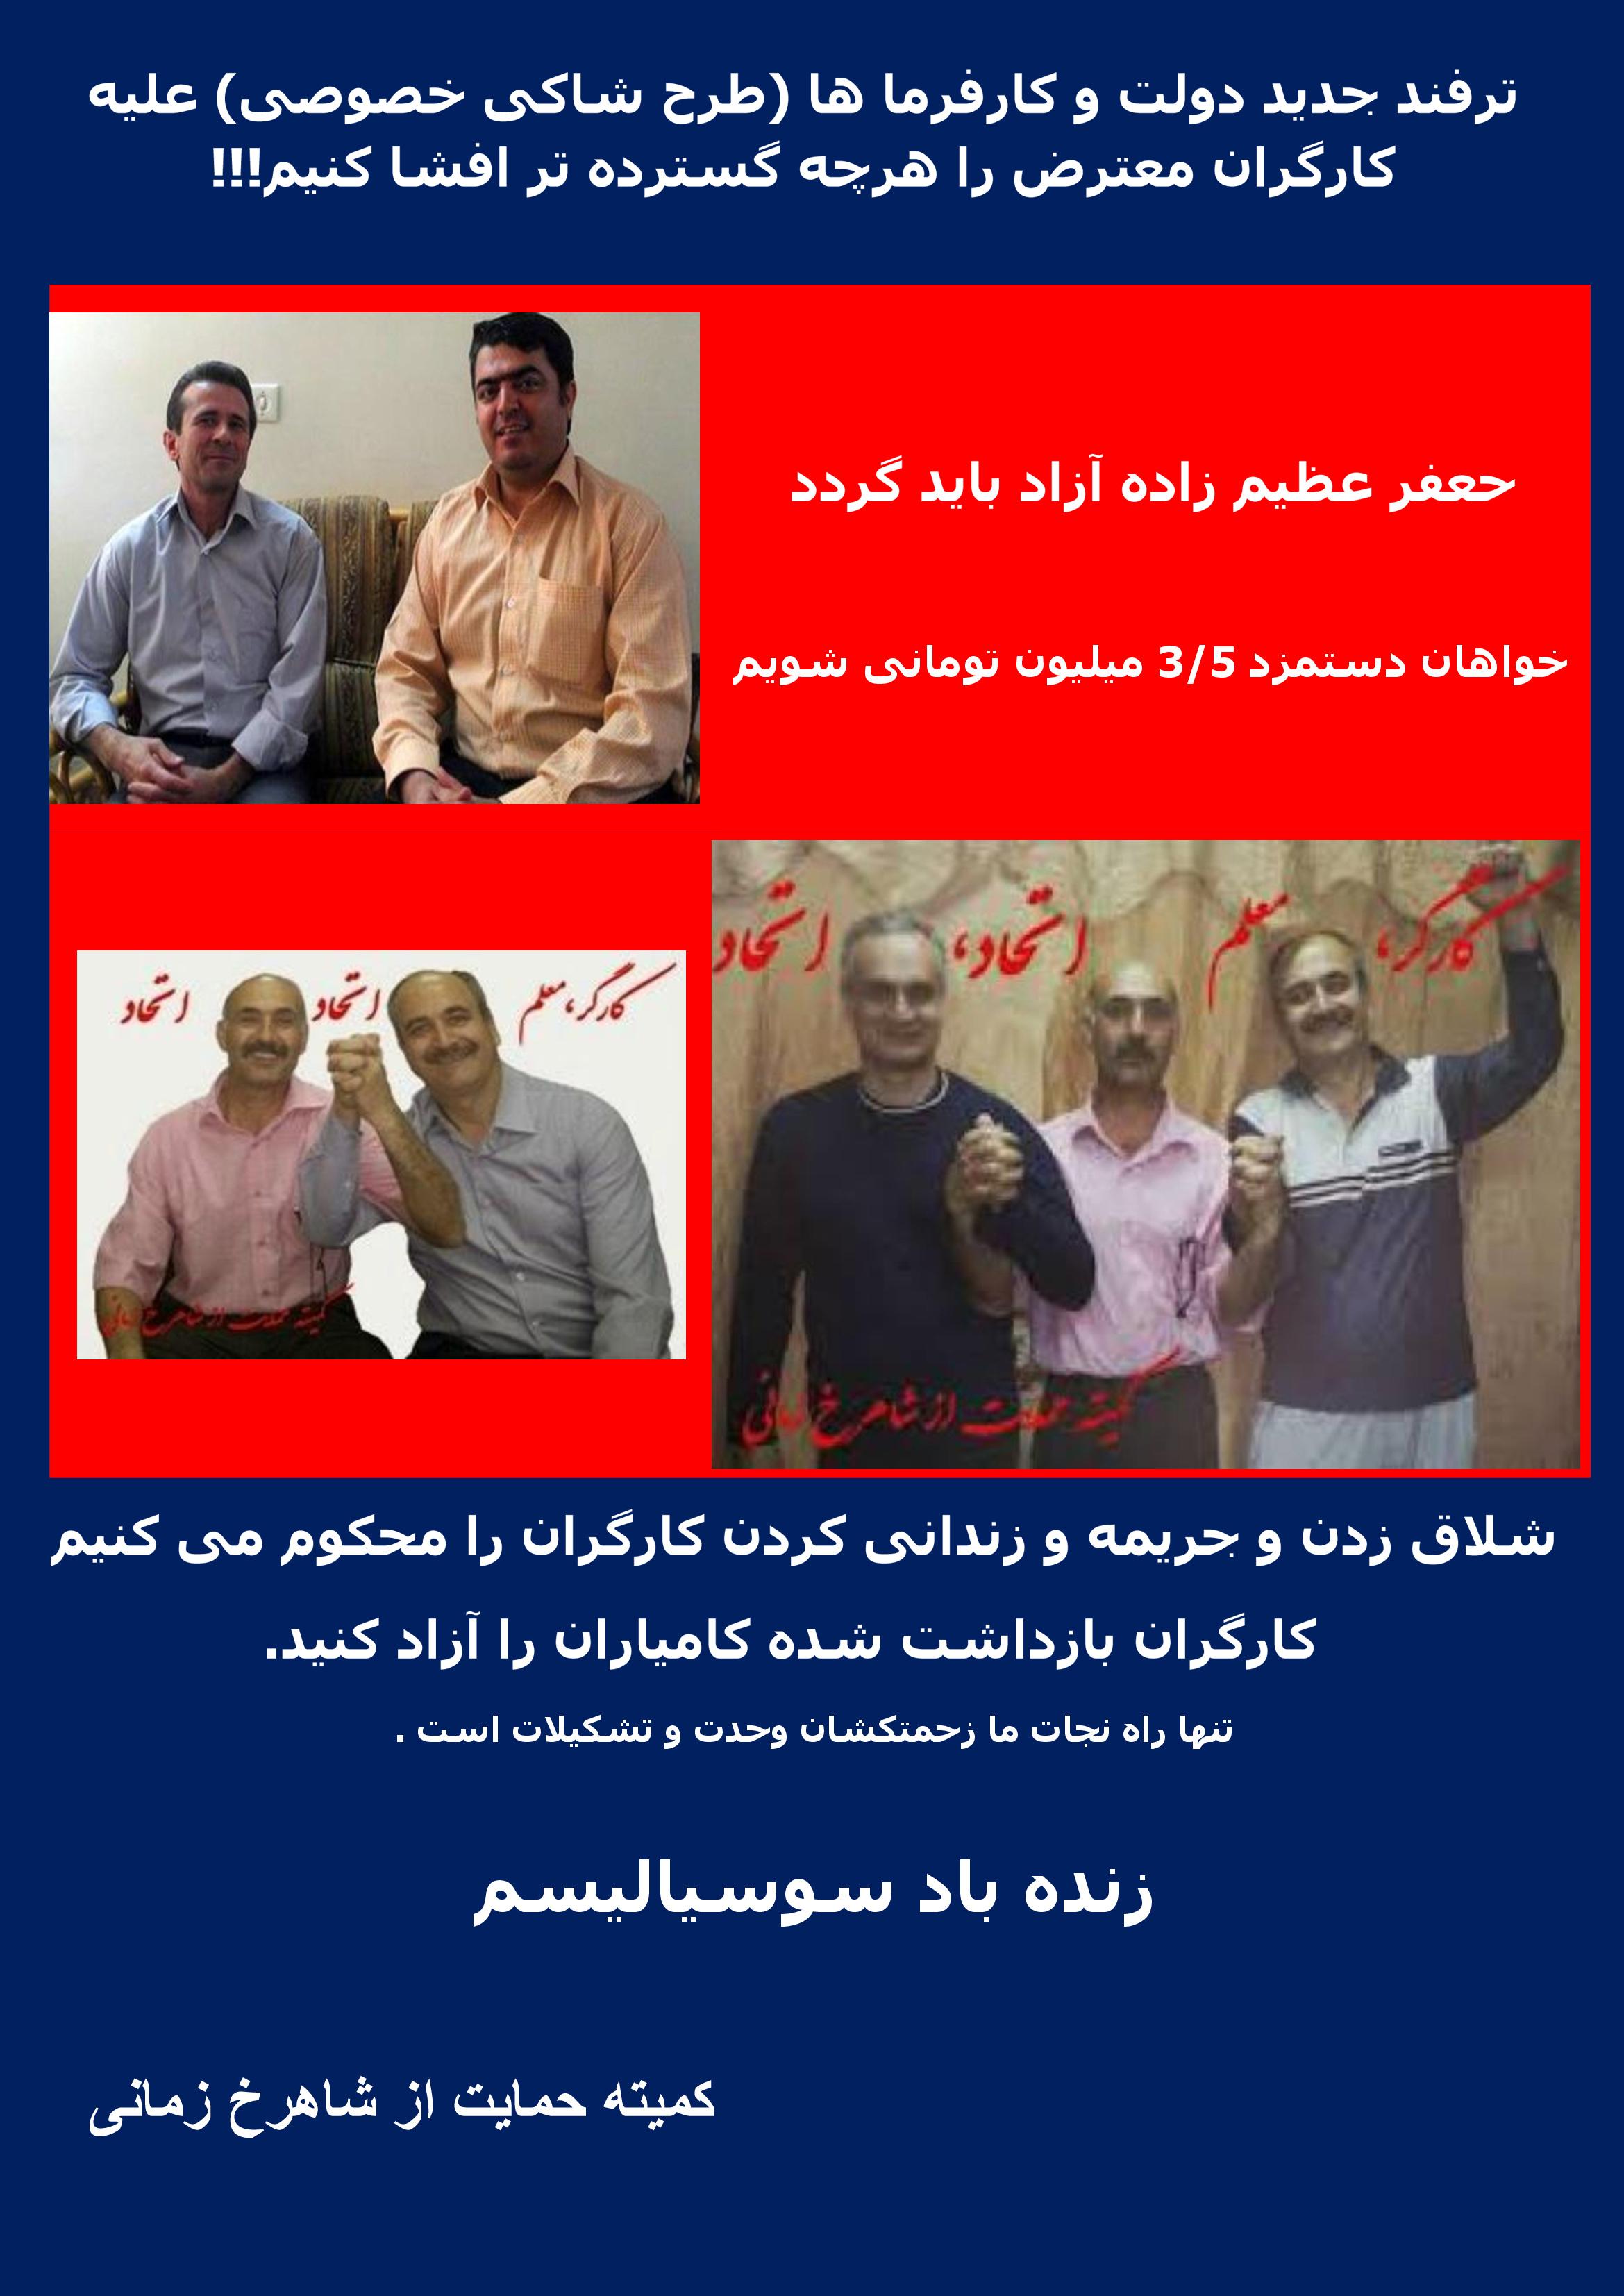 پوستر های جدید در دفاع از کارگران زندانی و علیه حکم شلاق